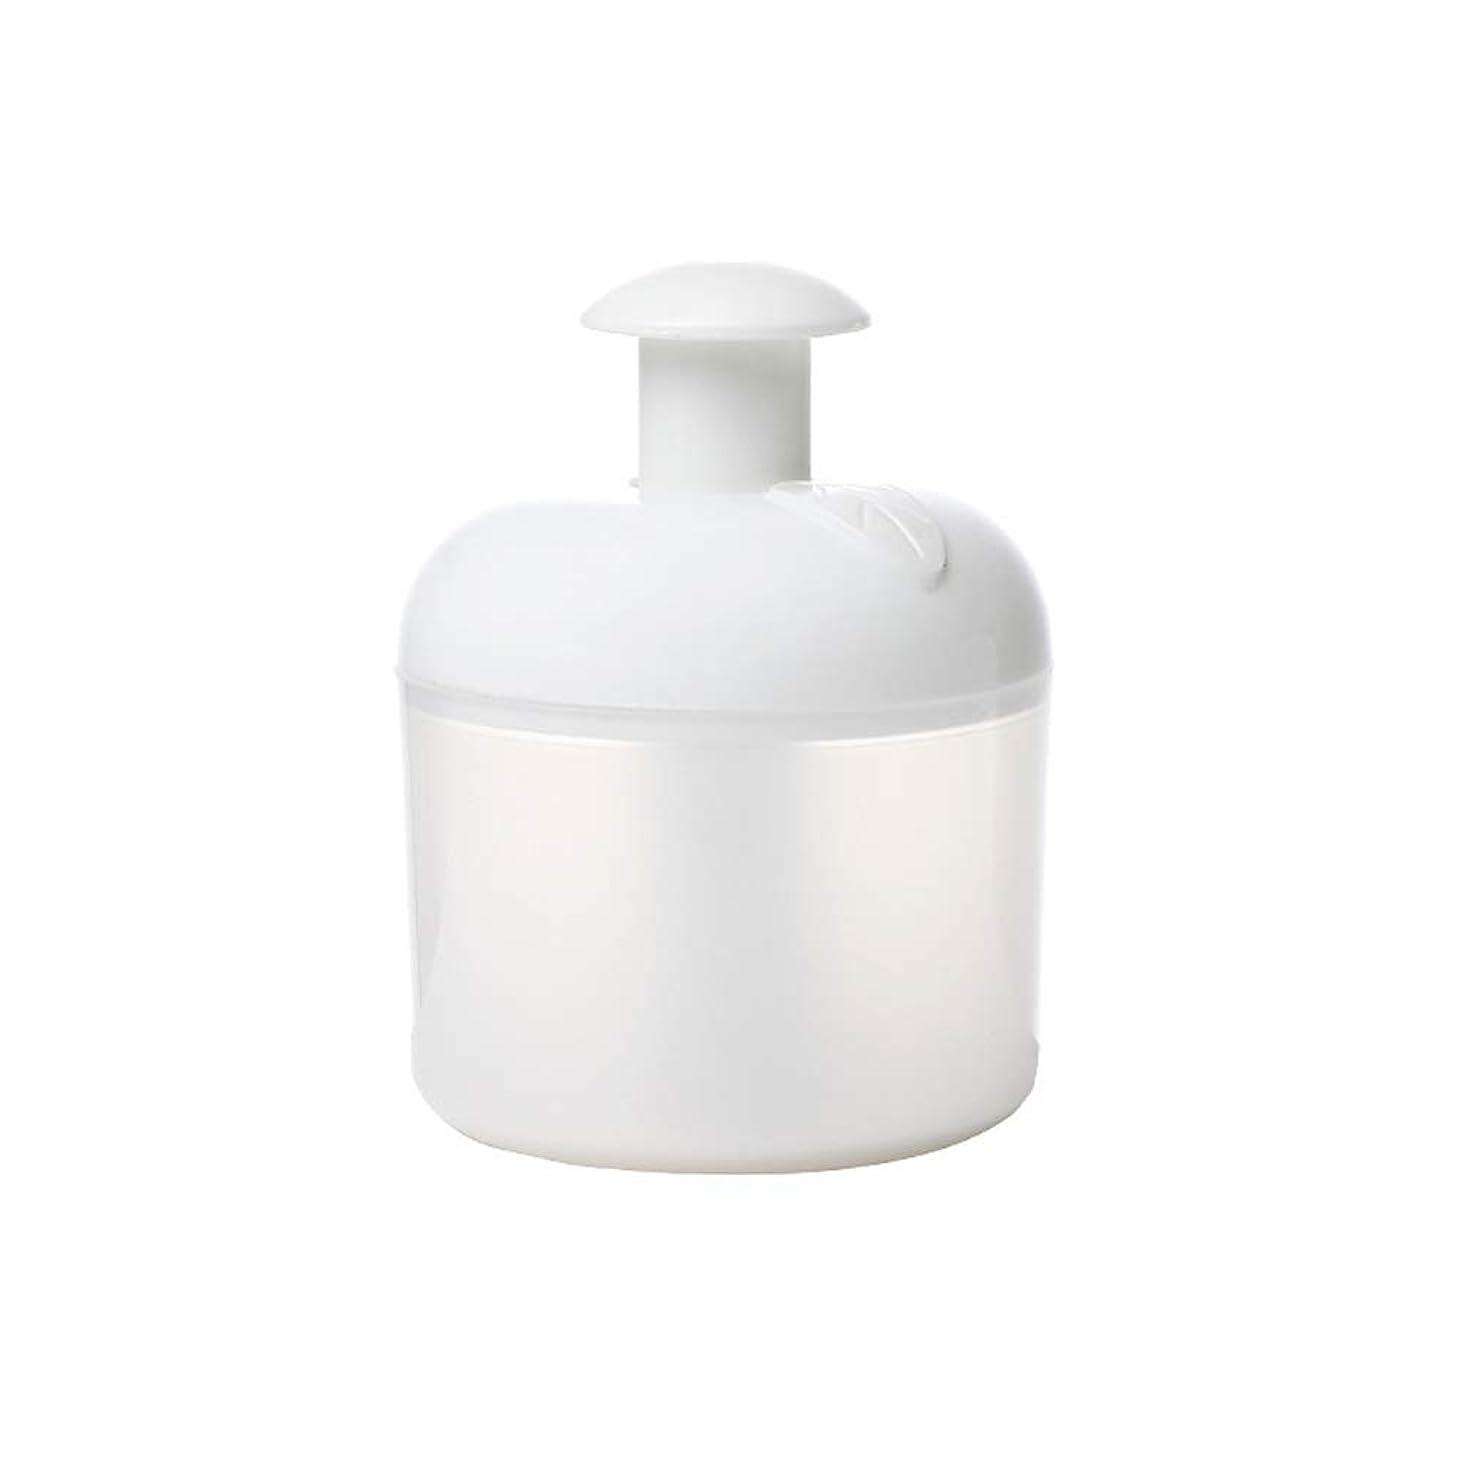 賞リビジョン教育者Lurrose 洗顔泡立て器フェイスクレンザーバブルメーカー用フェイスウォッシュスキンケアトラベル家庭用(ホワイト)